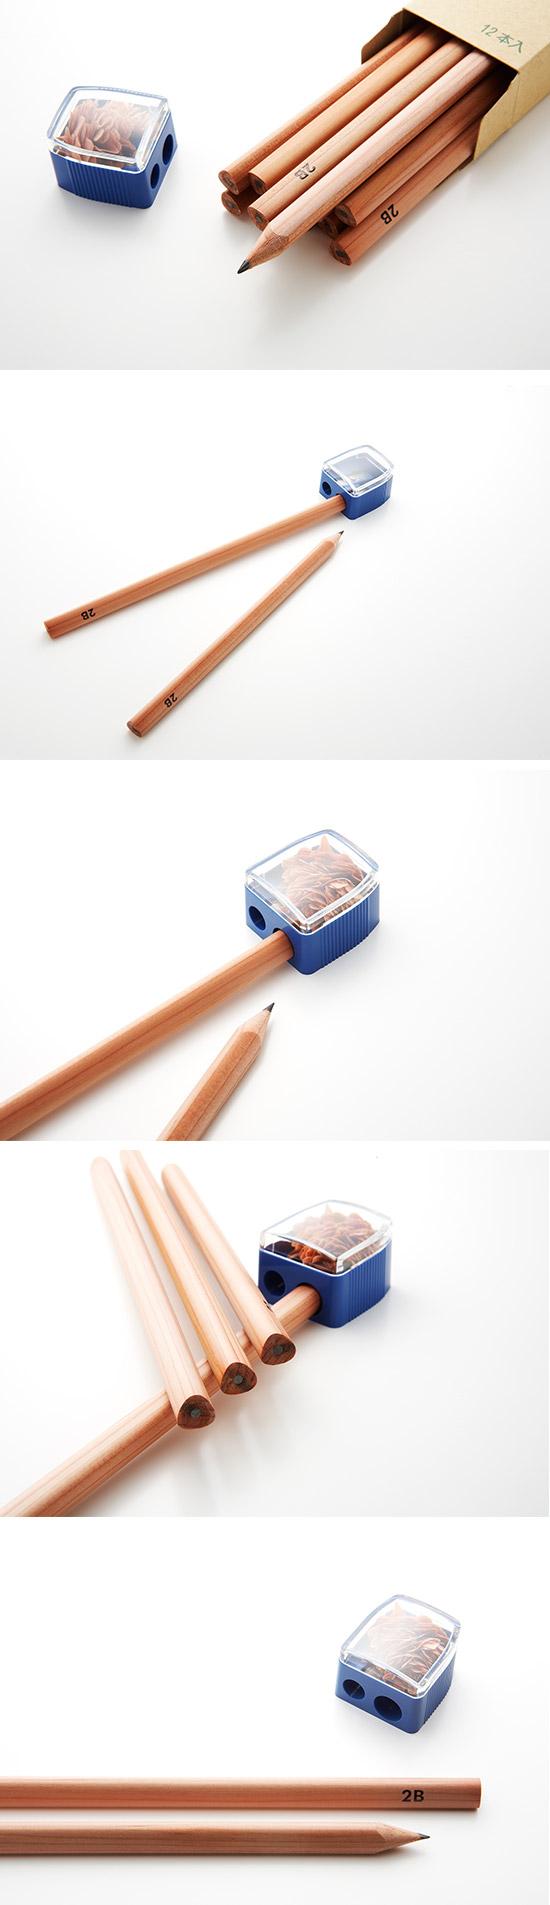 北星大人鉛筆 大三角原木鉛筆 B